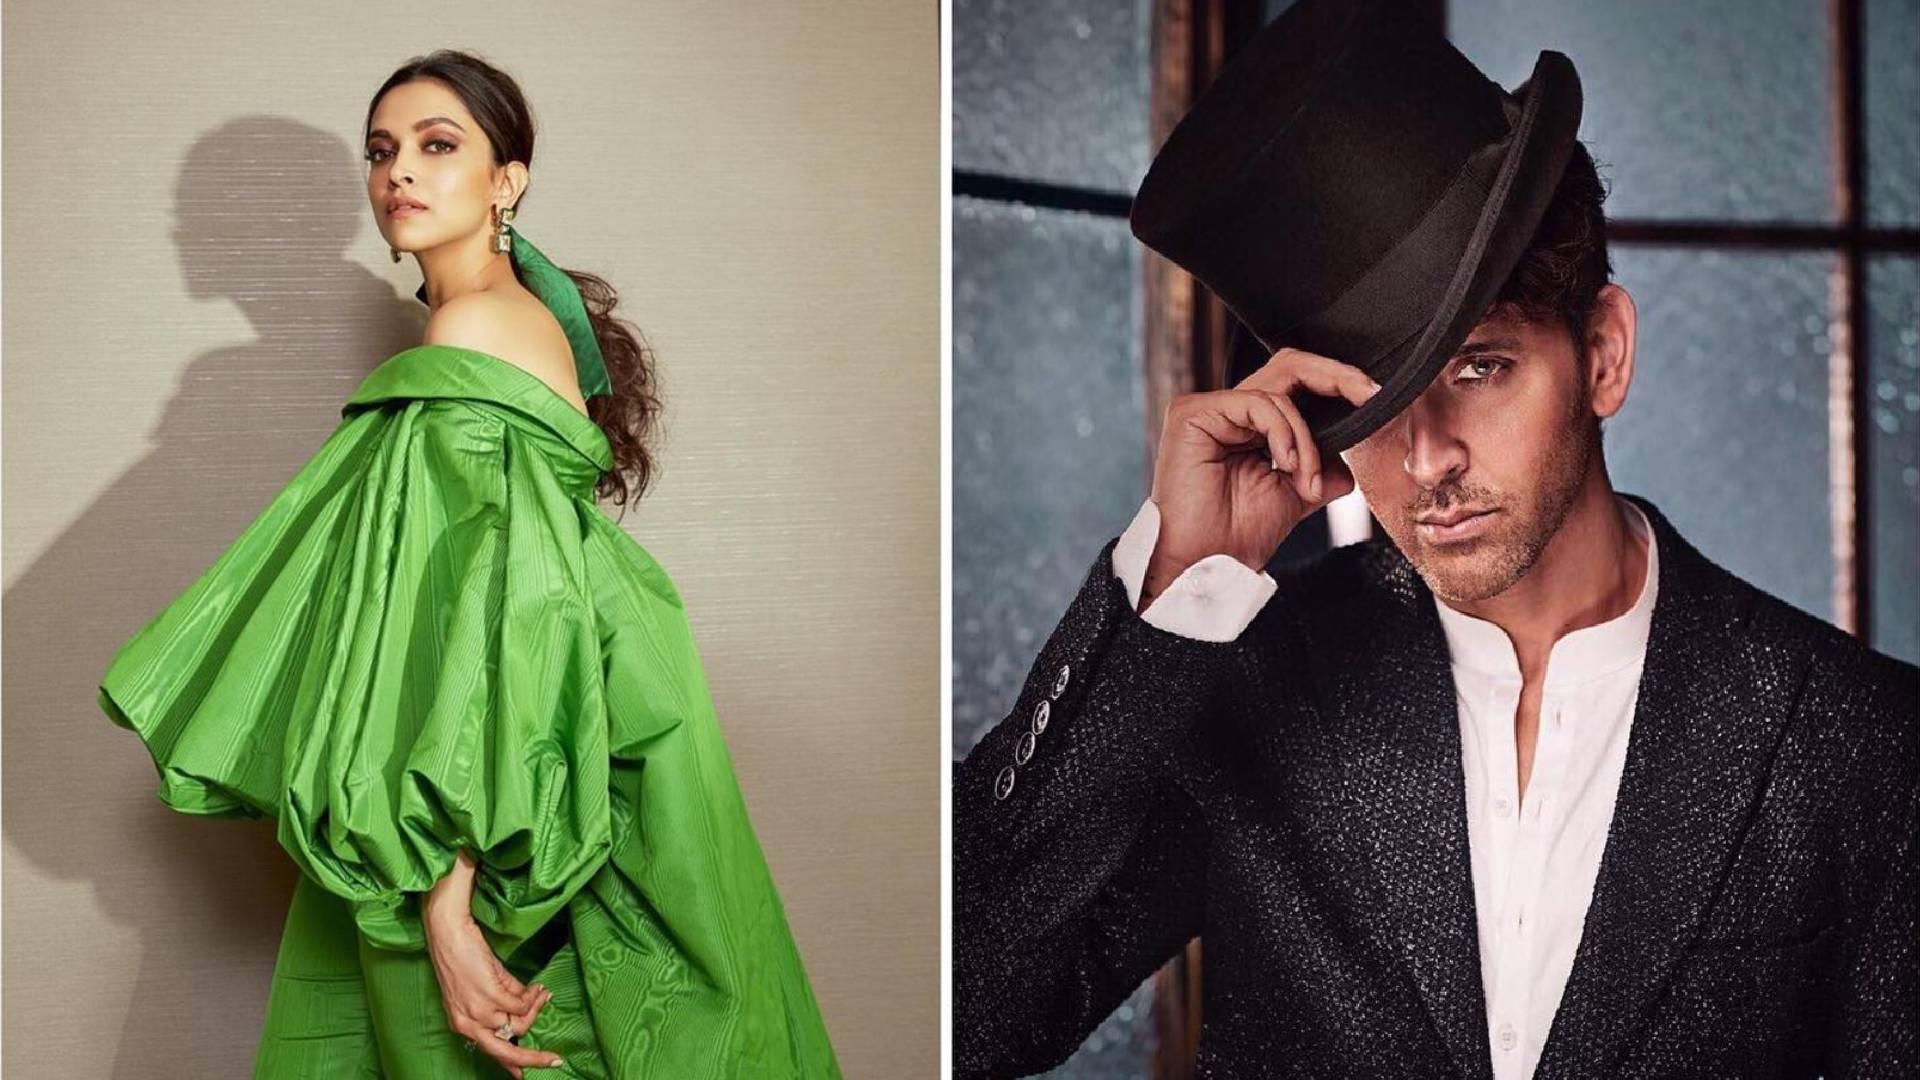 दीपिका पादुकोण-ऋतिक रोशन की जोड़ी जल्द आएगी नजर, अमिताभ बच्चन की इस सुपरहिट फिल्म के रीमेक में मचाएंगे धमाल